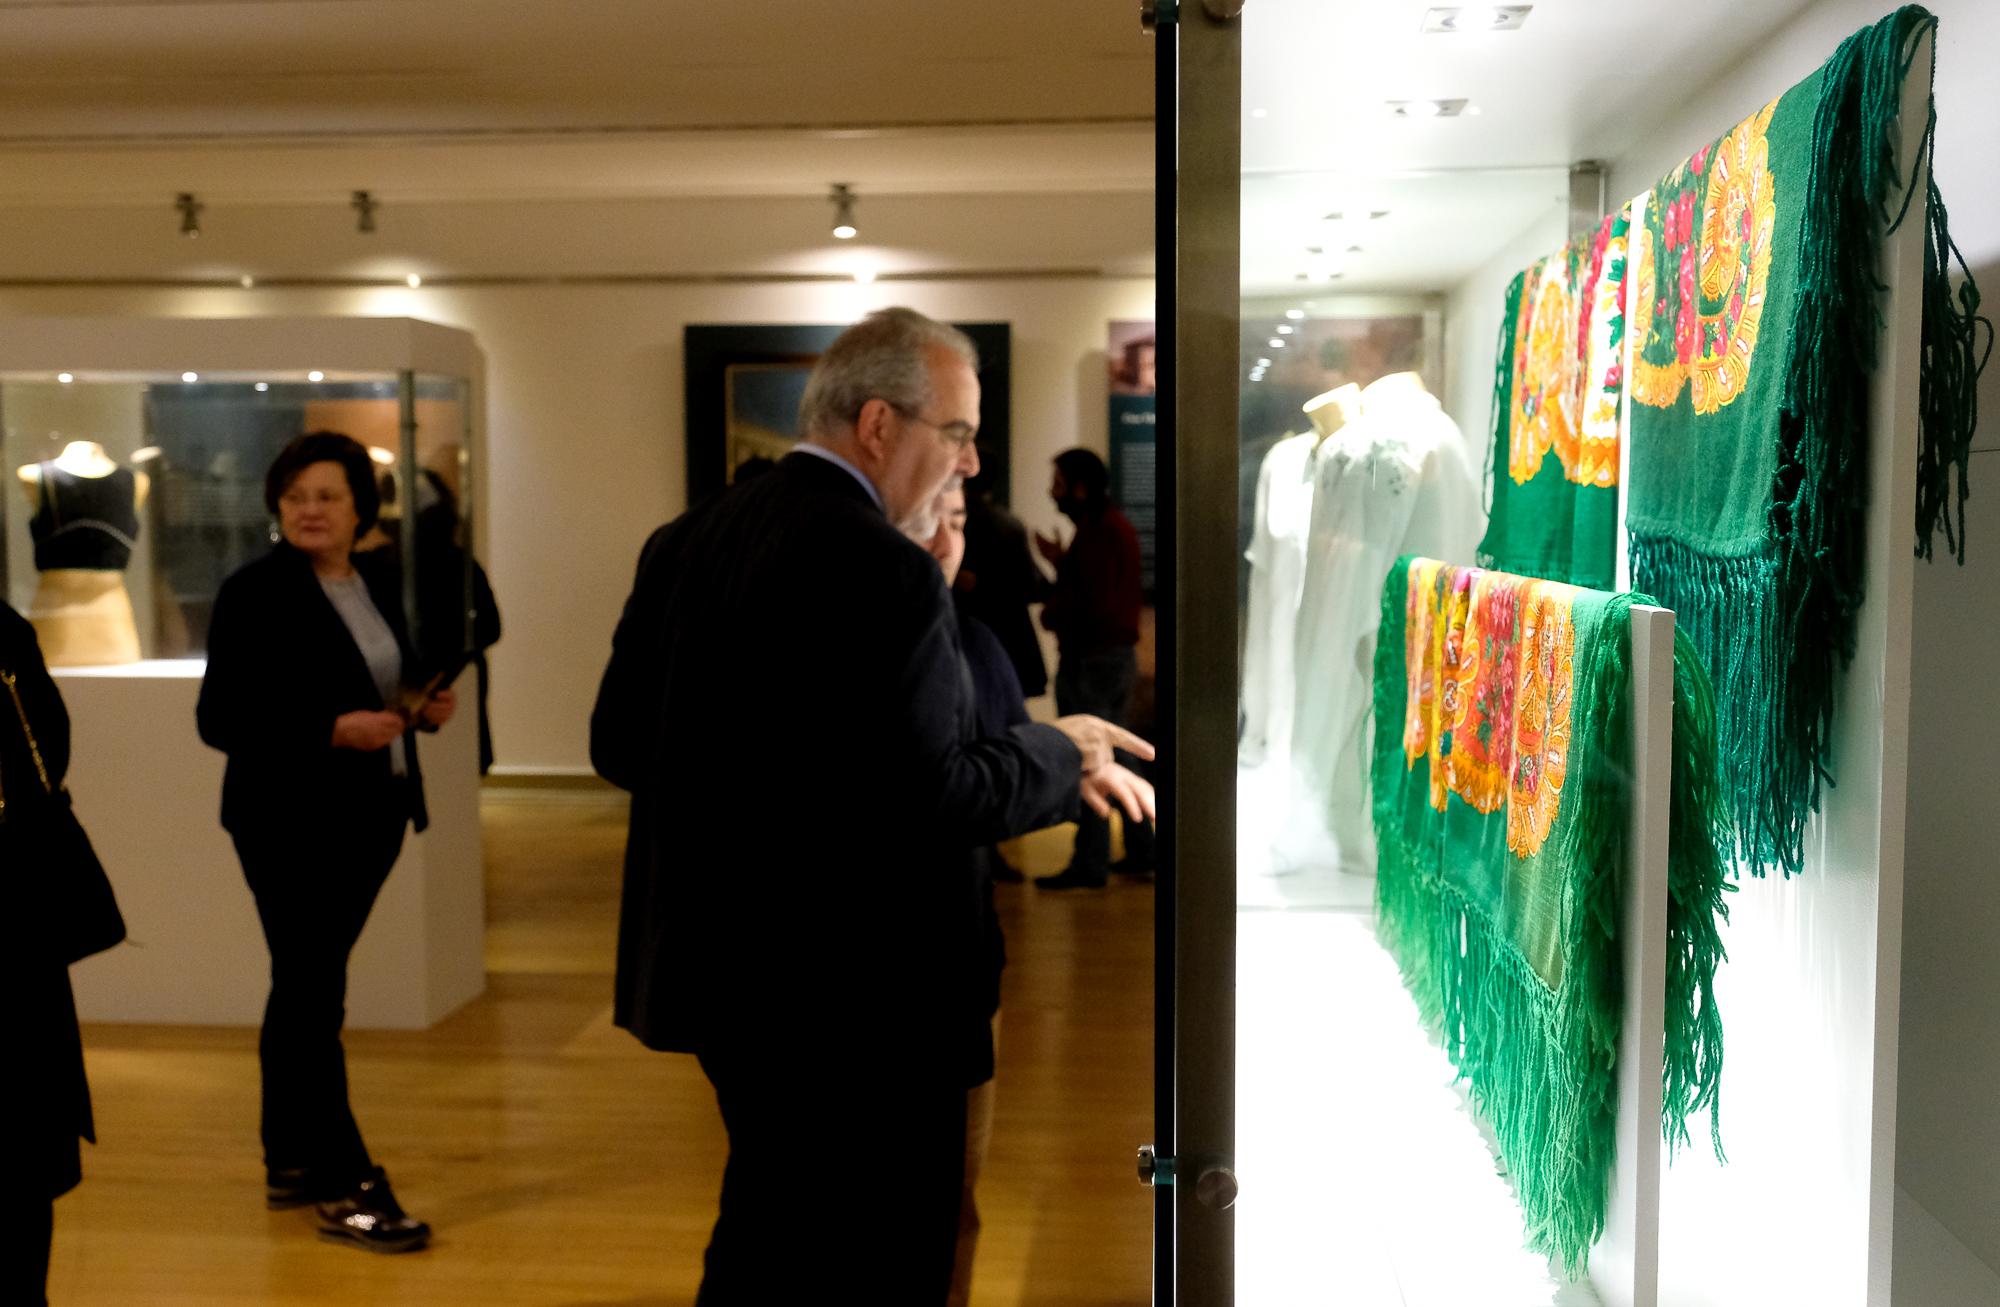 Exposição assinala bicentenário do nascimento de D. Maria II, rainha que elevou Viana à categoria de cidade